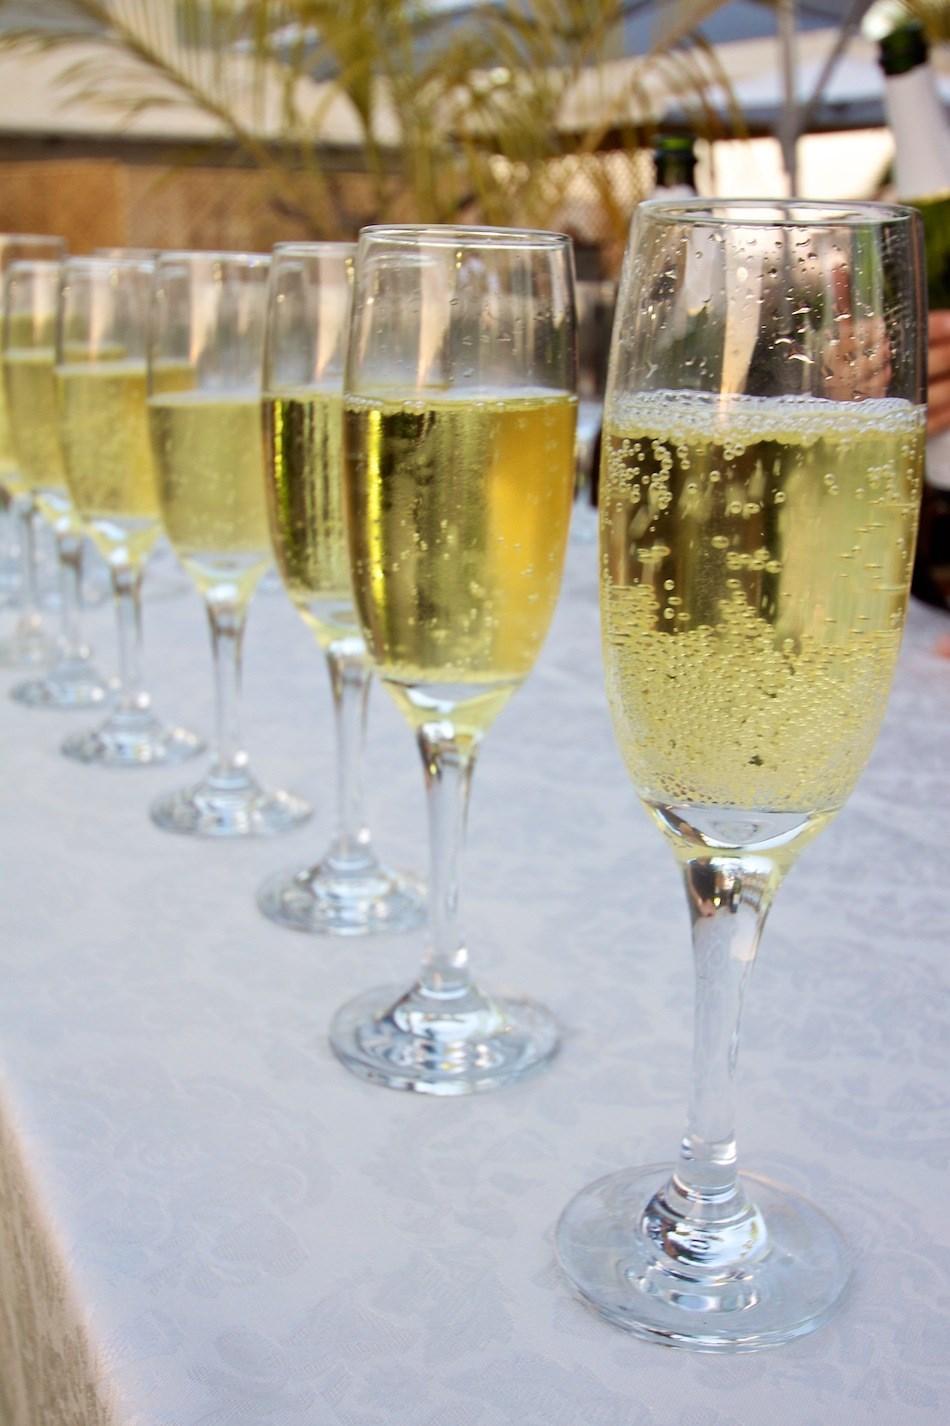 הכי-הכי: כך תאתרו את המקום המושלם לחתונה, מקום לחגוג, 16